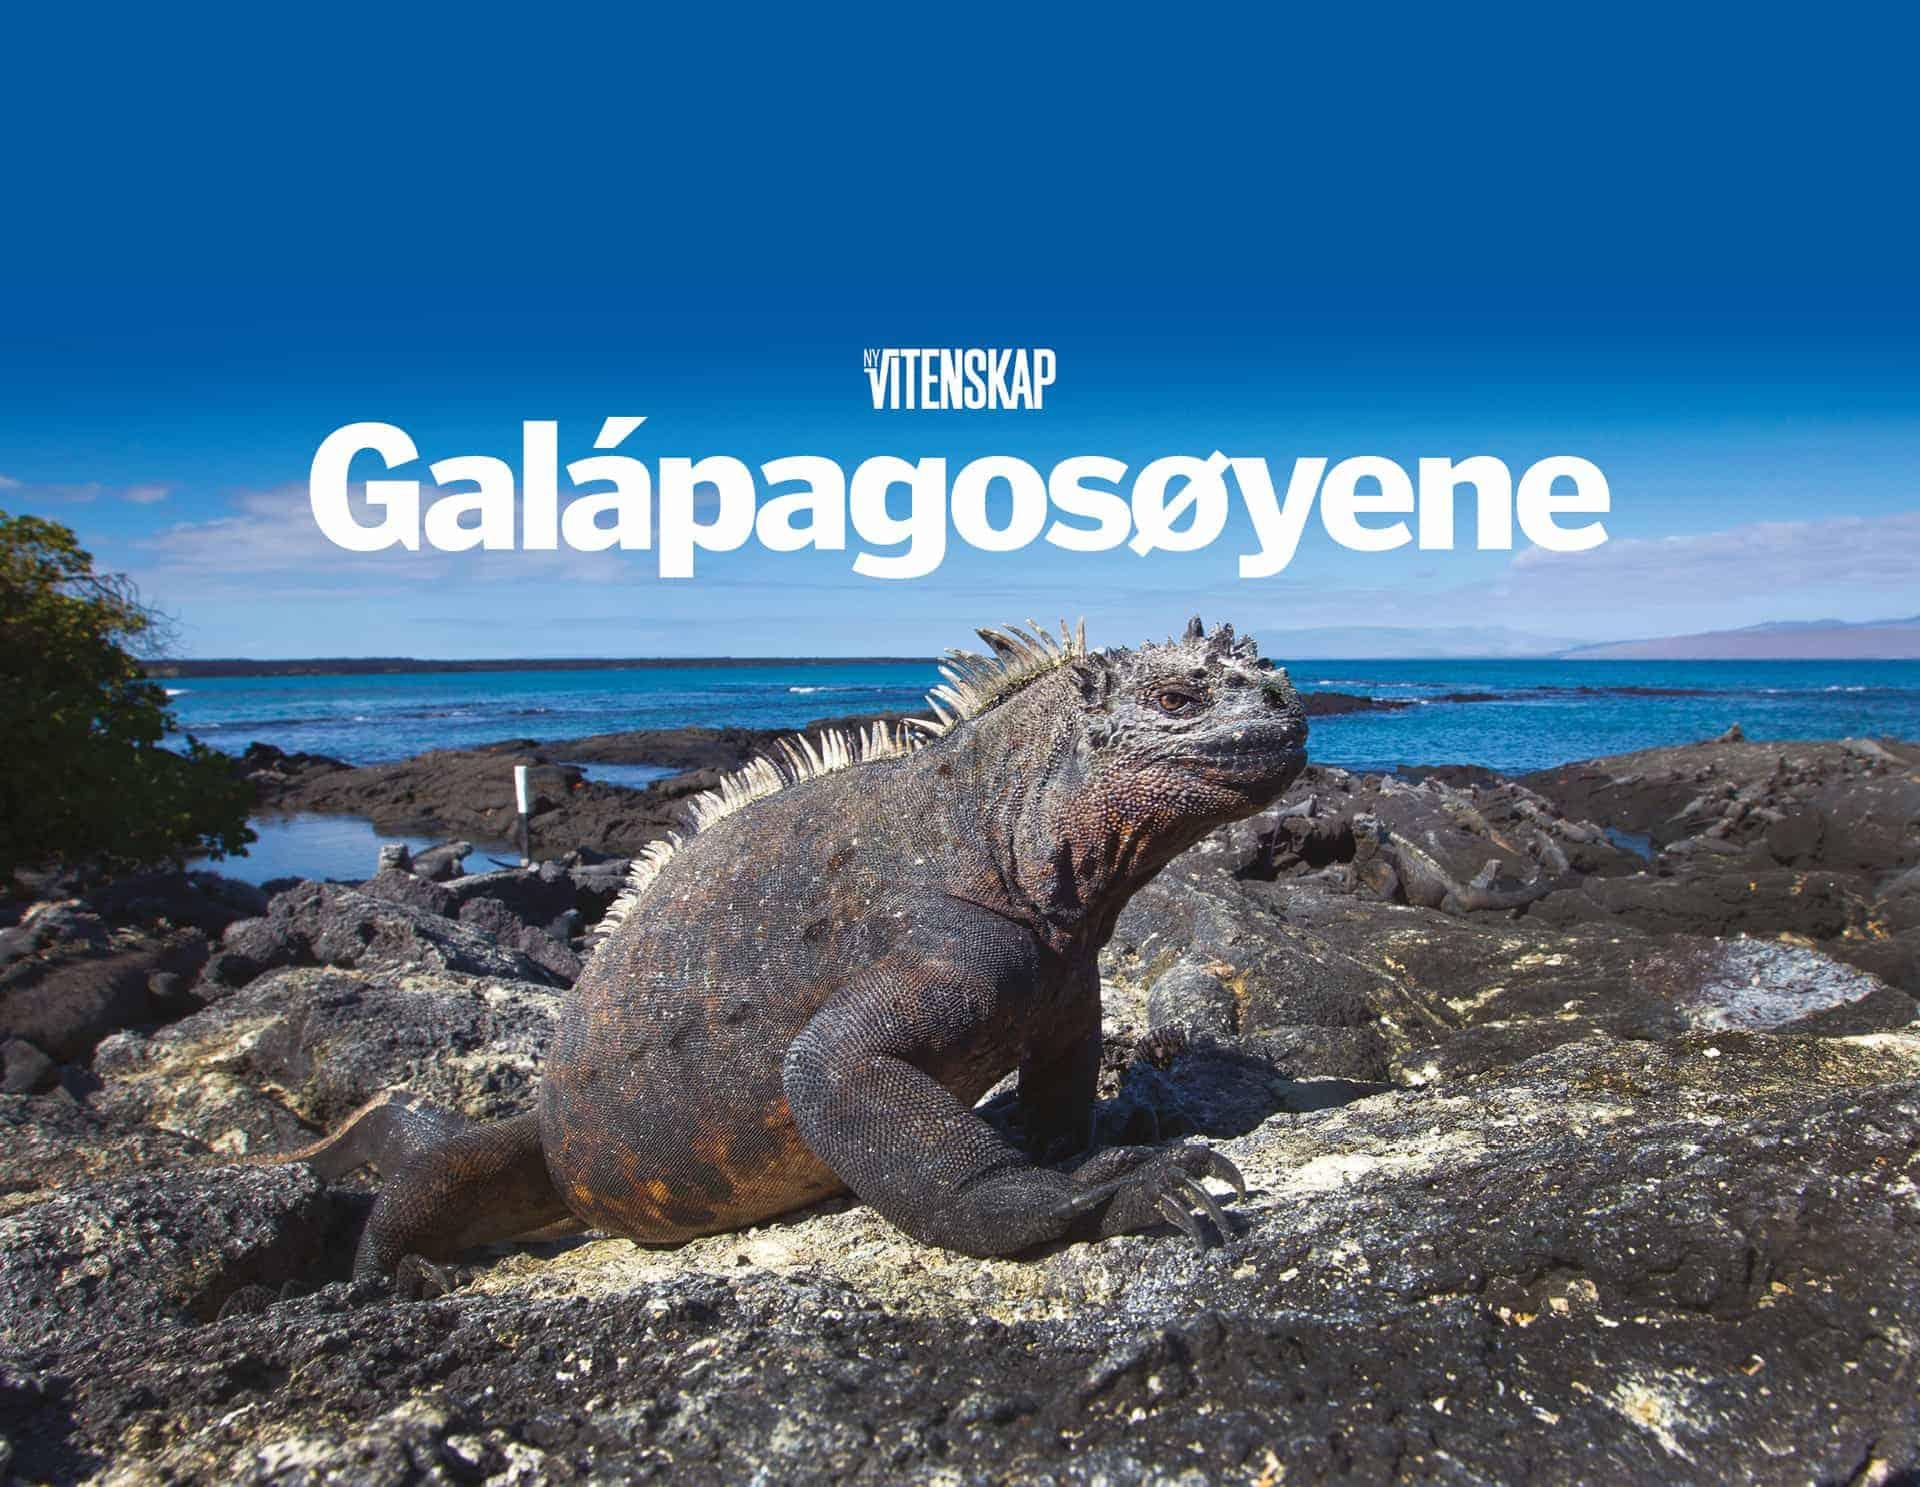 Galápagosøyene